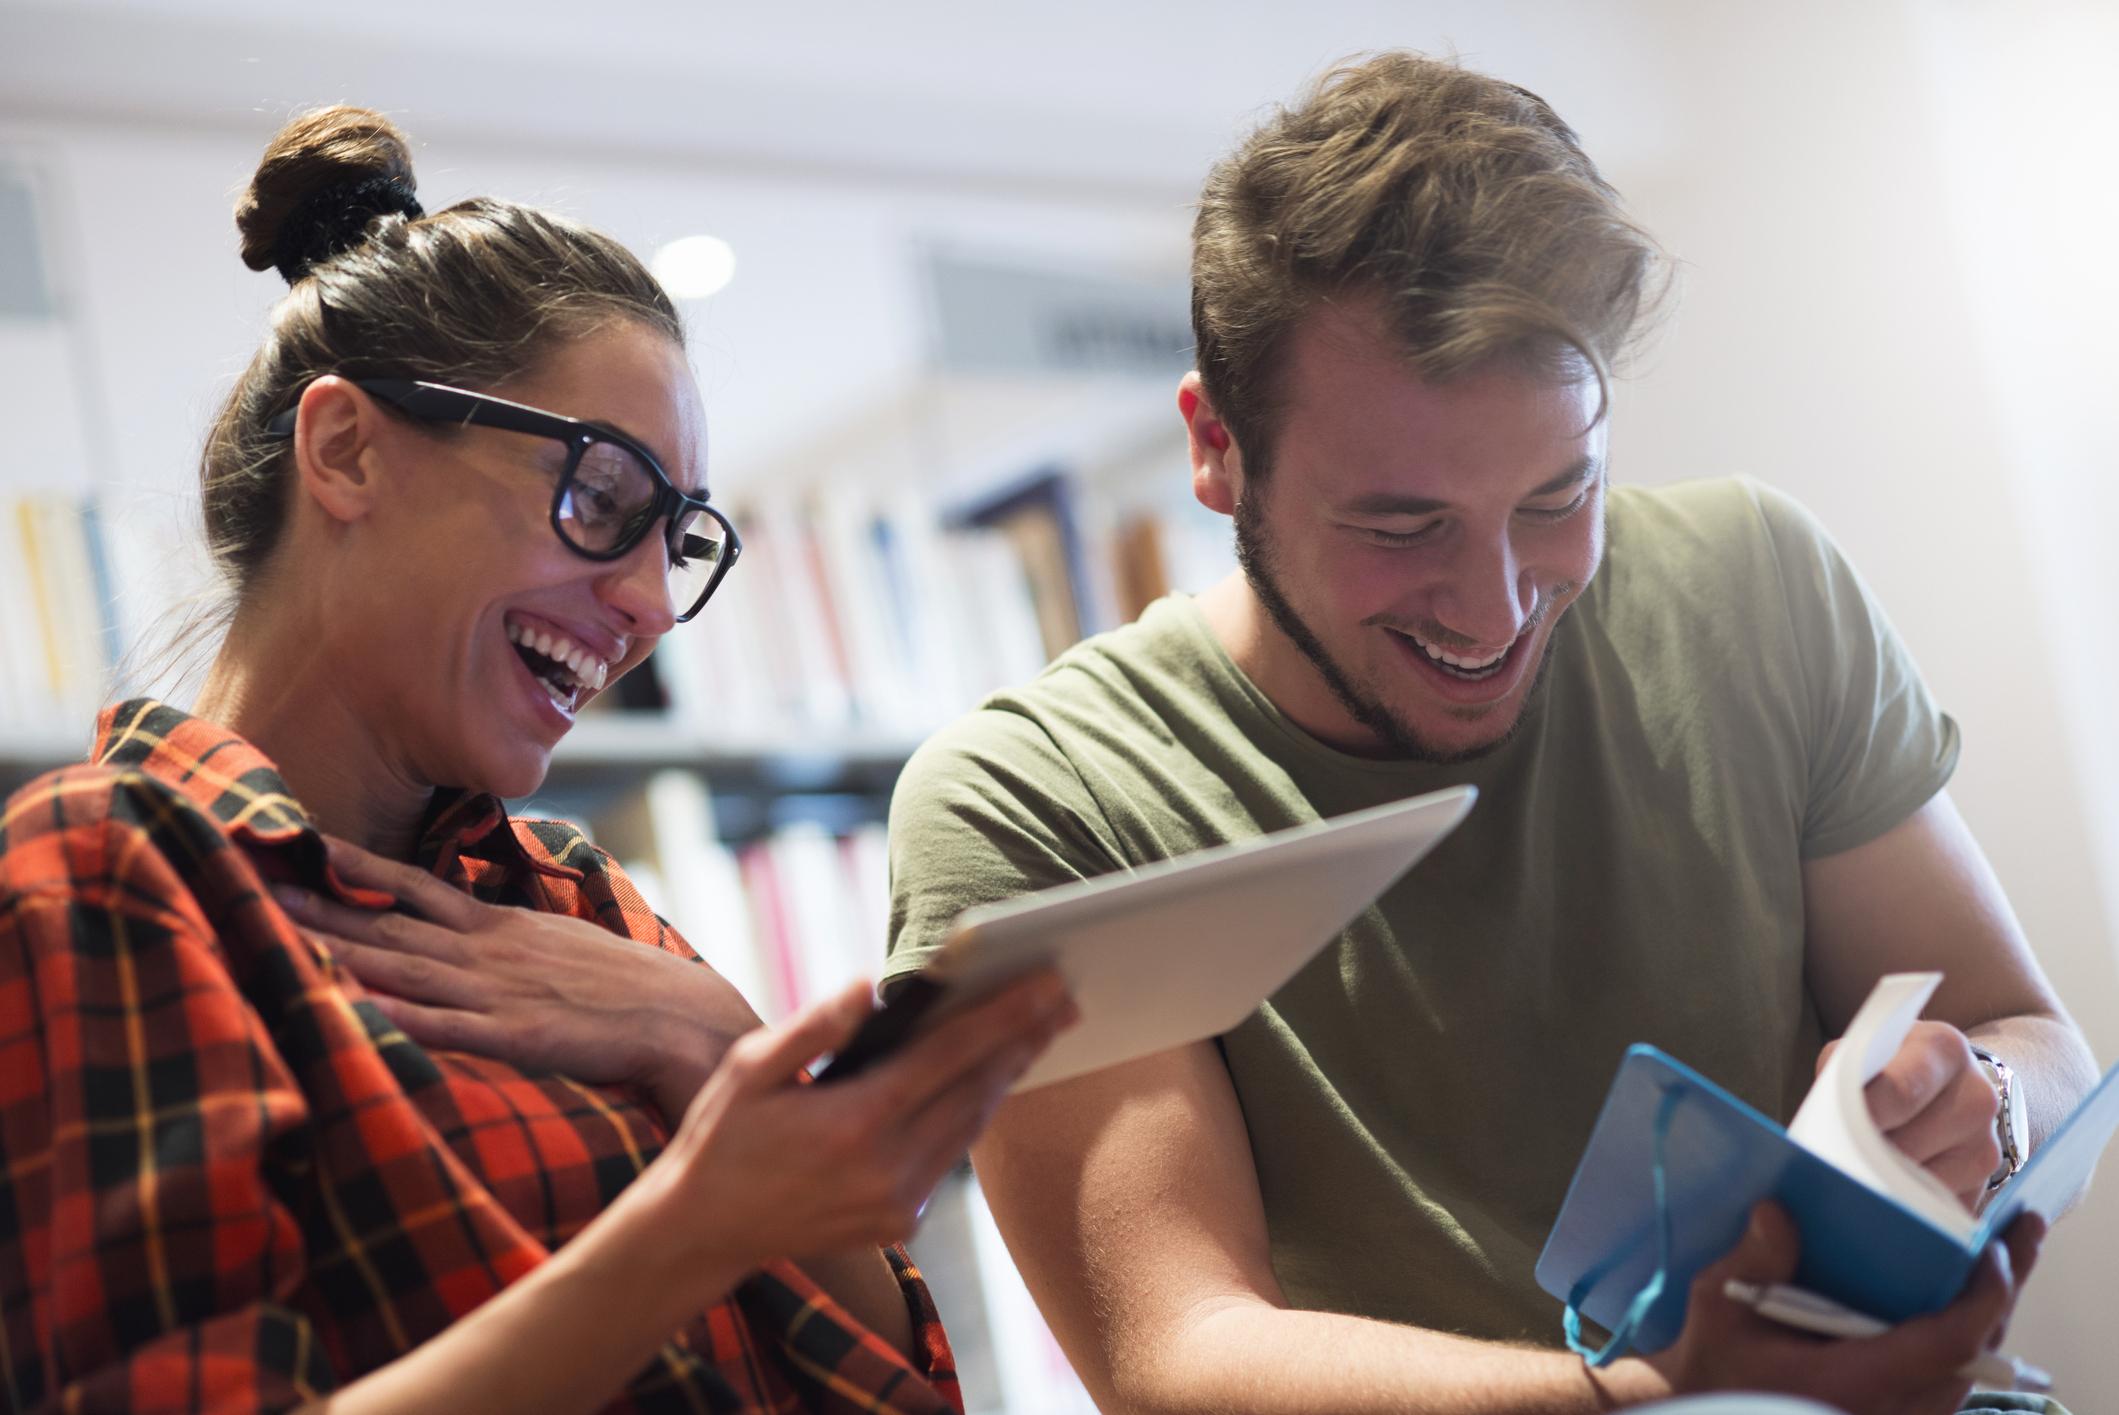 Descubra 7 sites e apps de microlearning para acelerar seu aprendizado